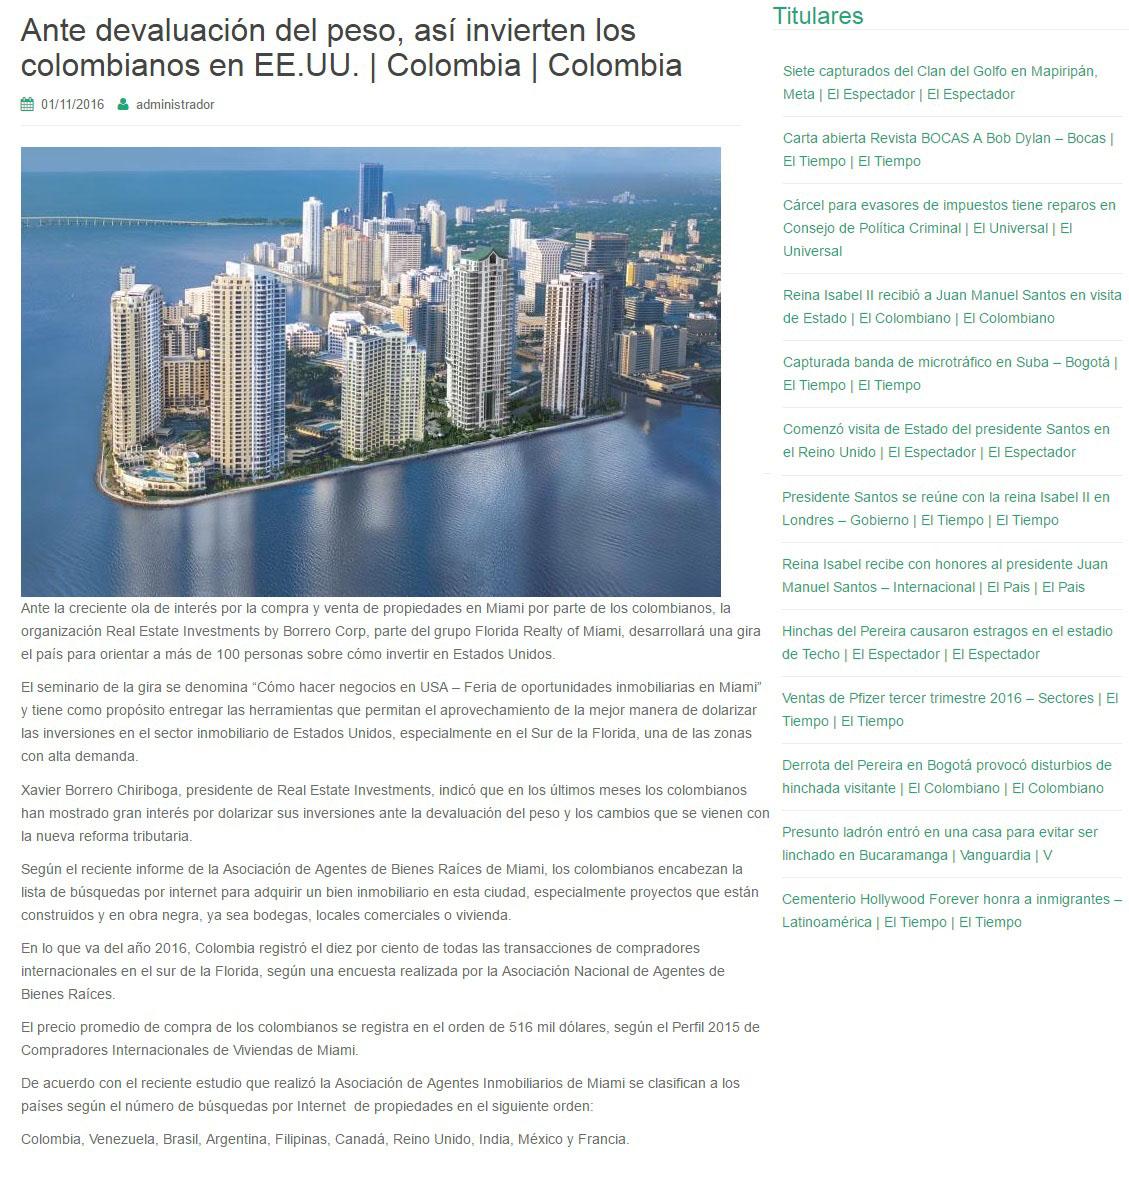 Noticias de colombia.com 1 de Noviembre de 2016 [web]